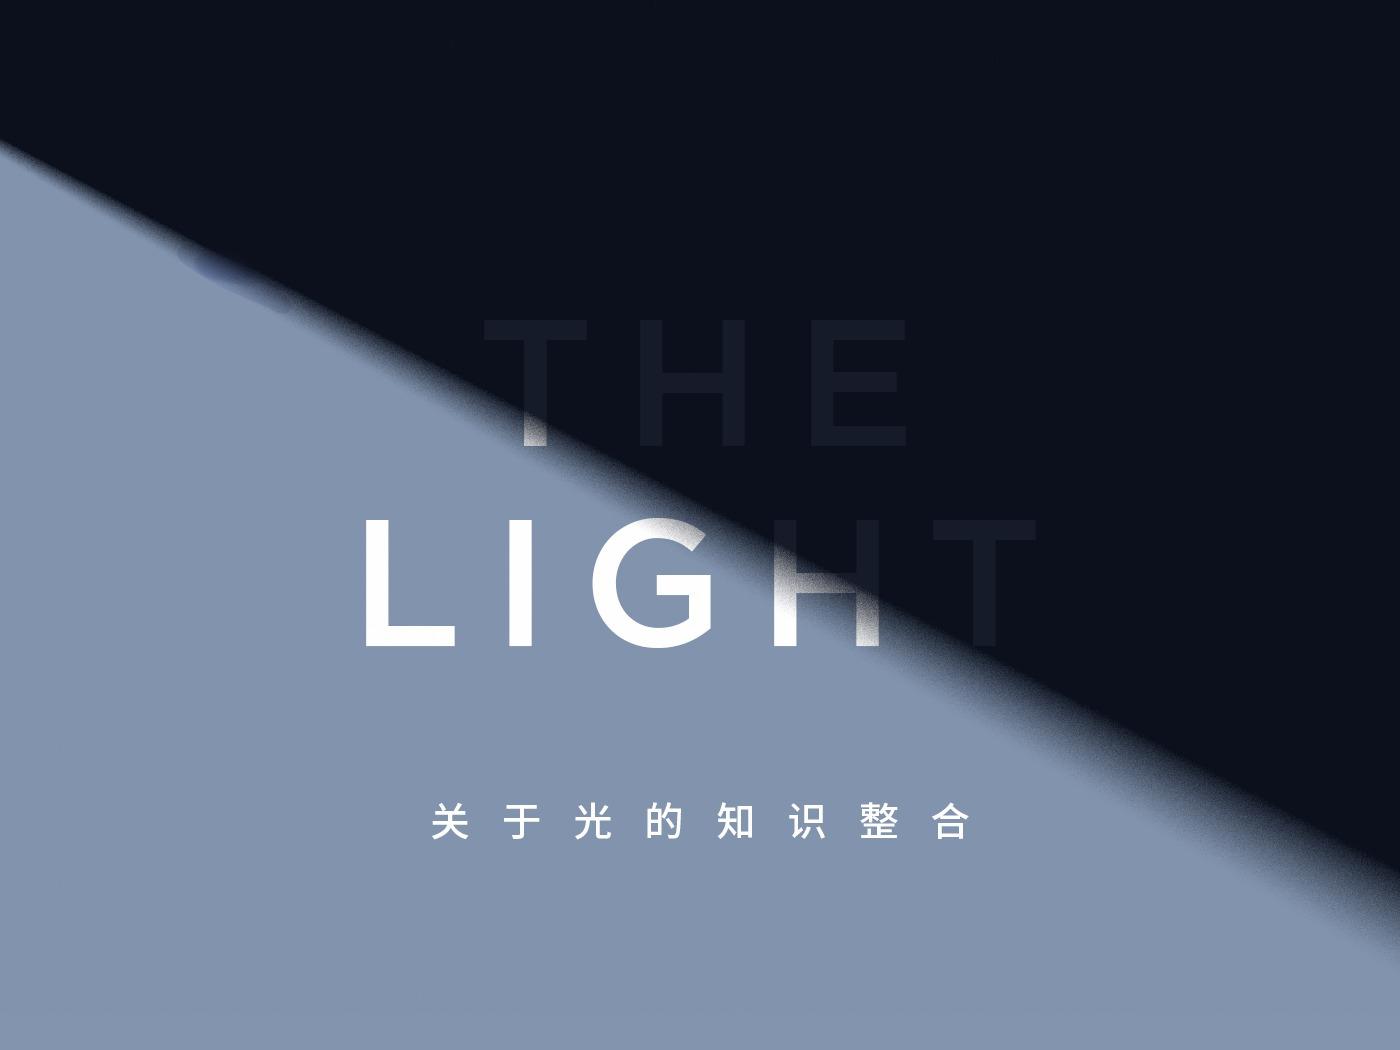 设计中的光如何理解?